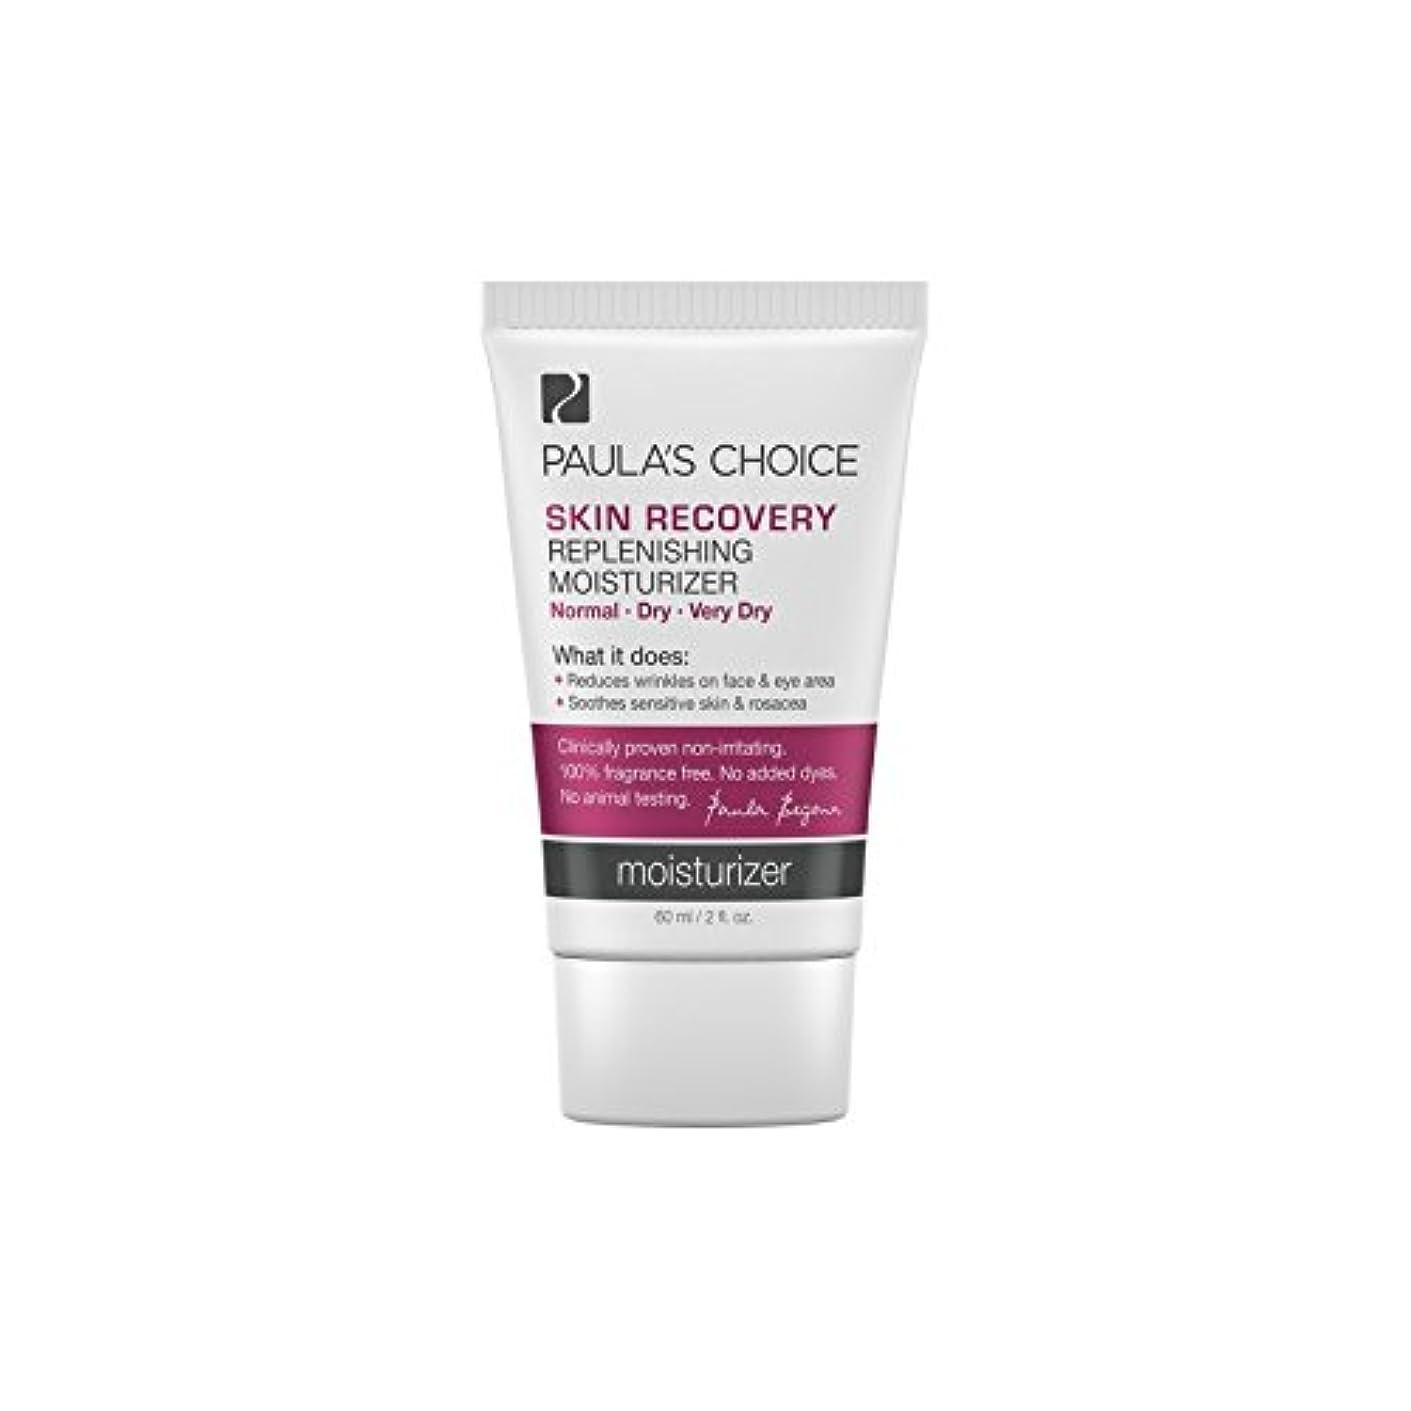 コーチ繰り返す通知するPaula's Choice Skin Recovery Replenishing Moisturizer (60ml) - ポーラチョイスの肌の回復補充保湿(60ミリリットル) [並行輸入品]